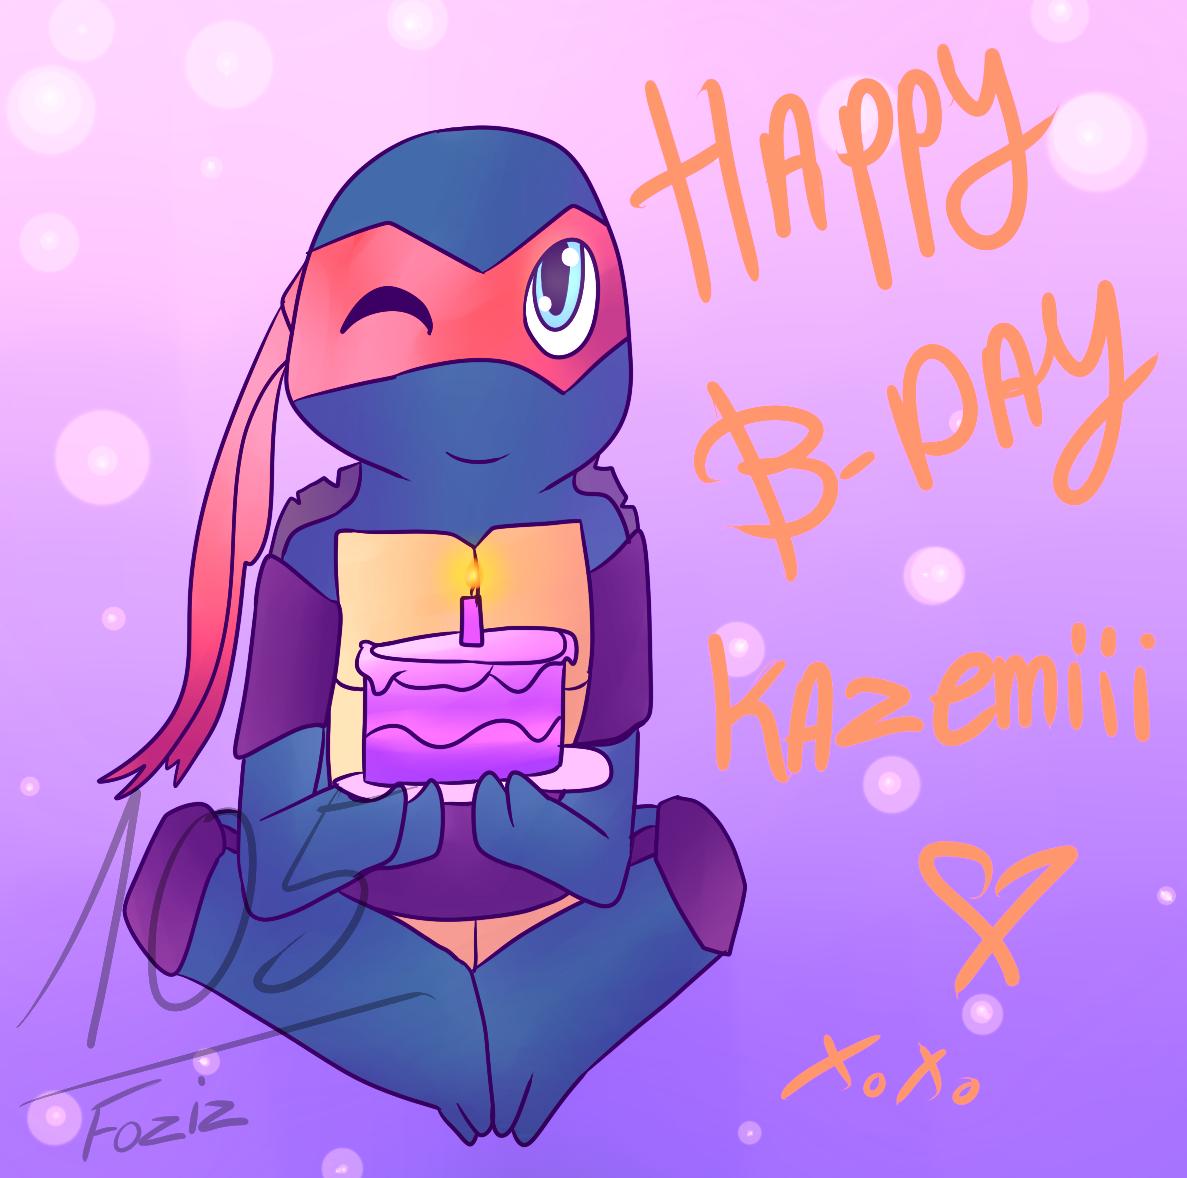 Happy B-Day! kazemiii by Foziz105